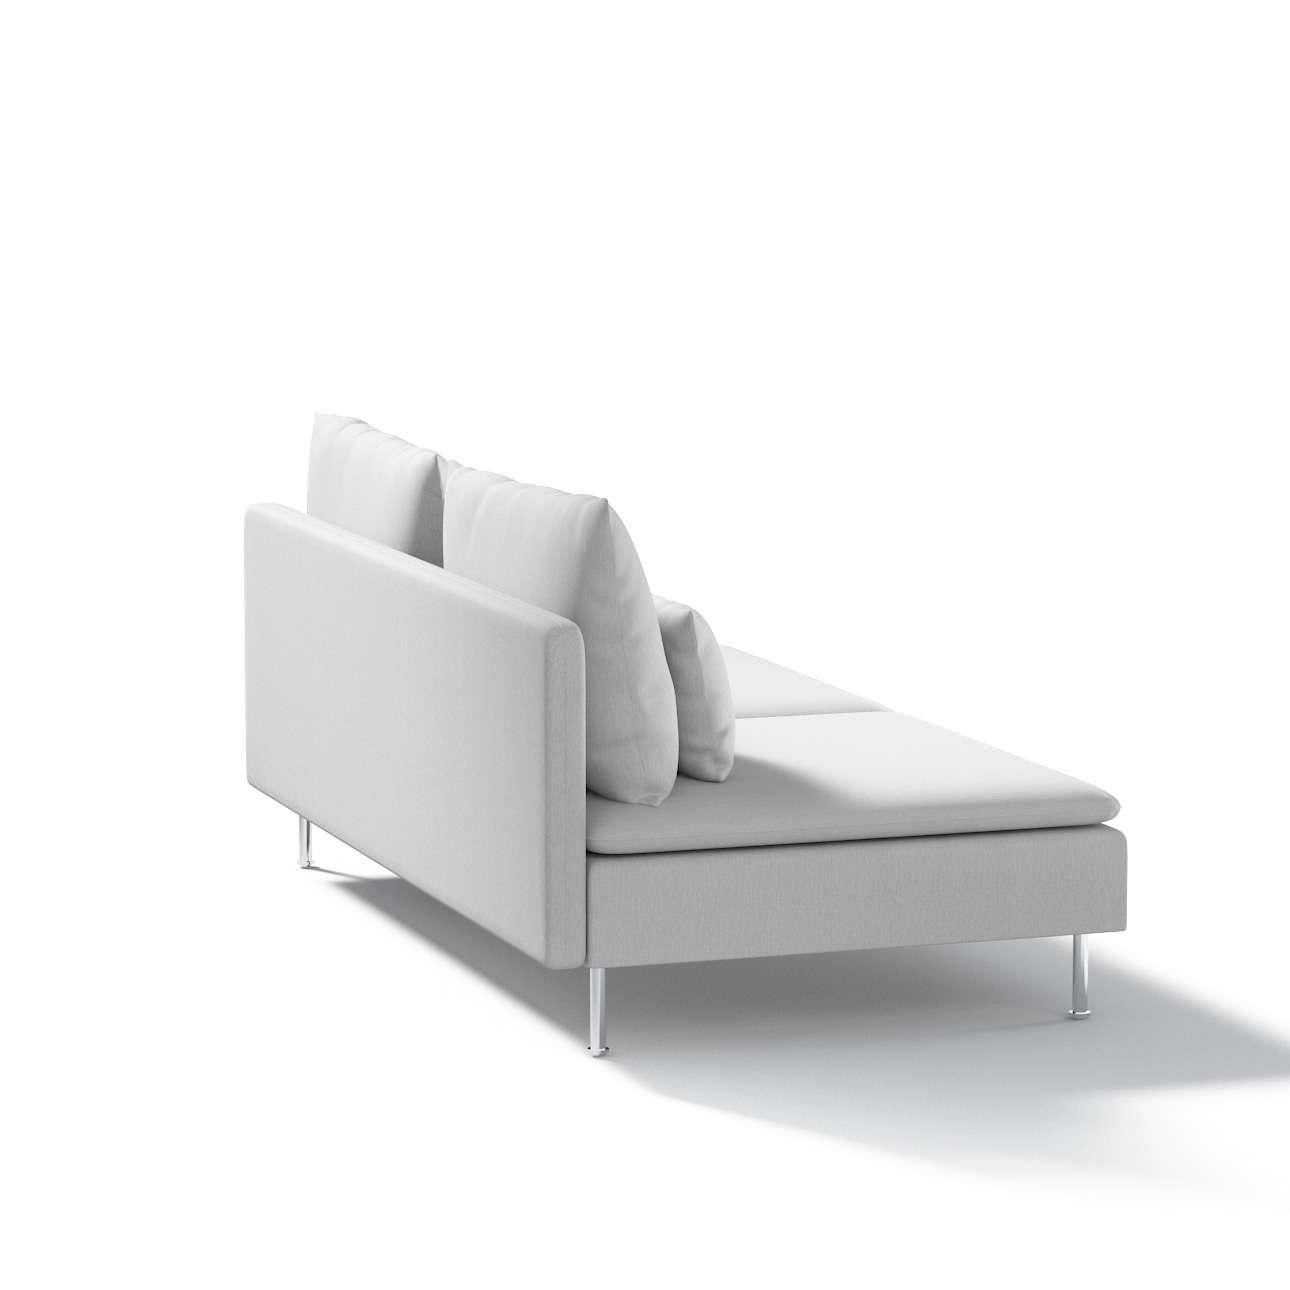 Ikea Söderhamn trivietei sofai užvalkalas Ikea Söderhamn moduliniai trivietei sofai užvalkalas kolekcijoje Chenille, audinys: 702-23